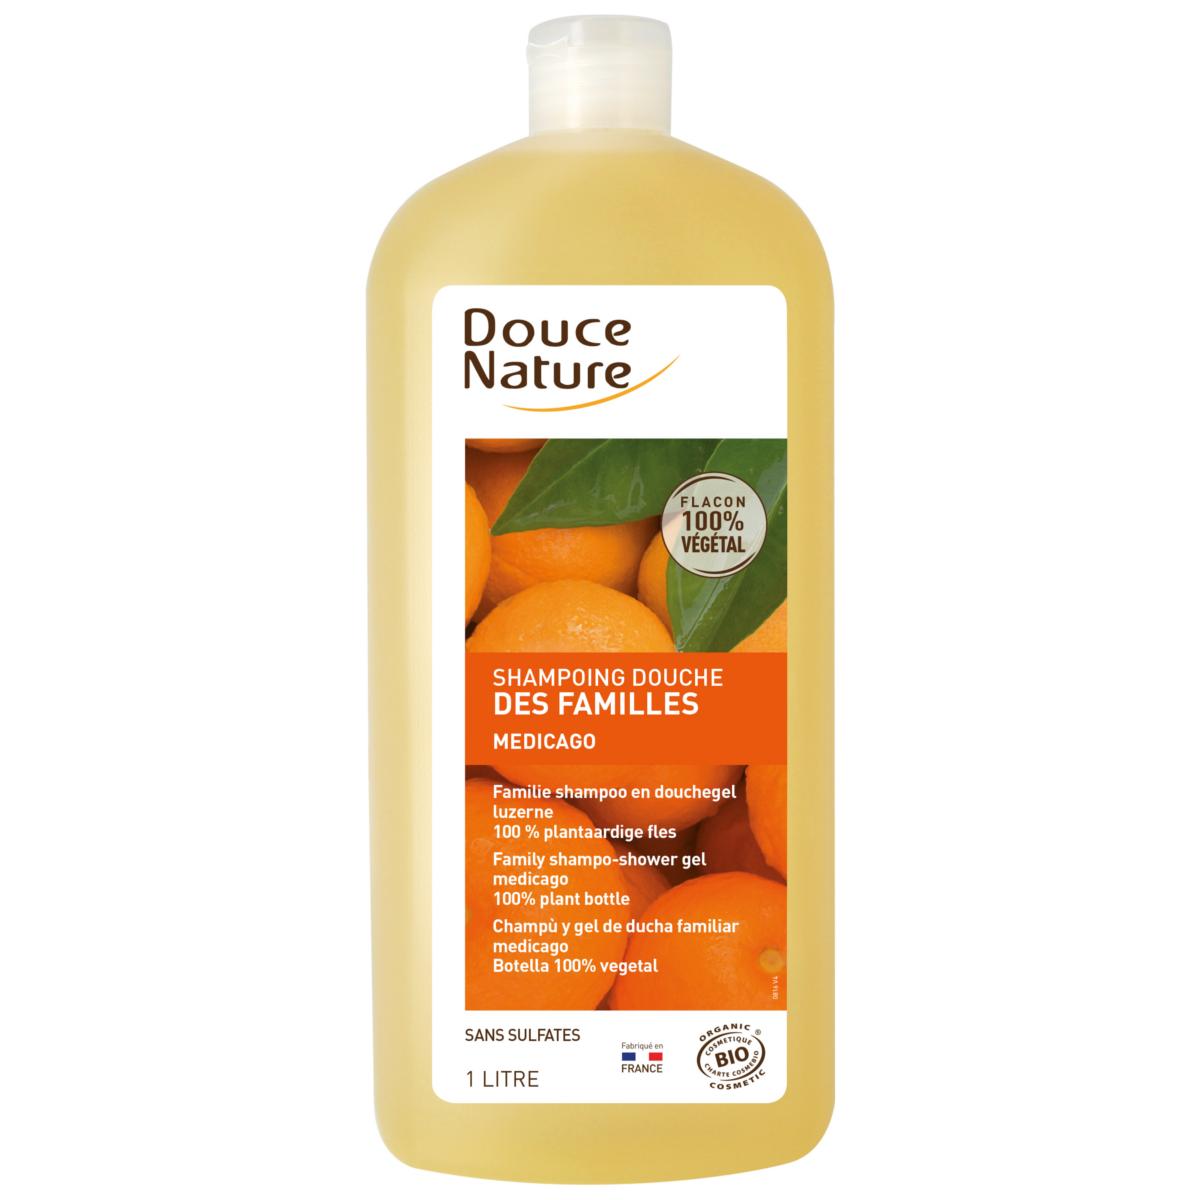 Douce Nature Shampoing douche des familles Bio - 1 litre